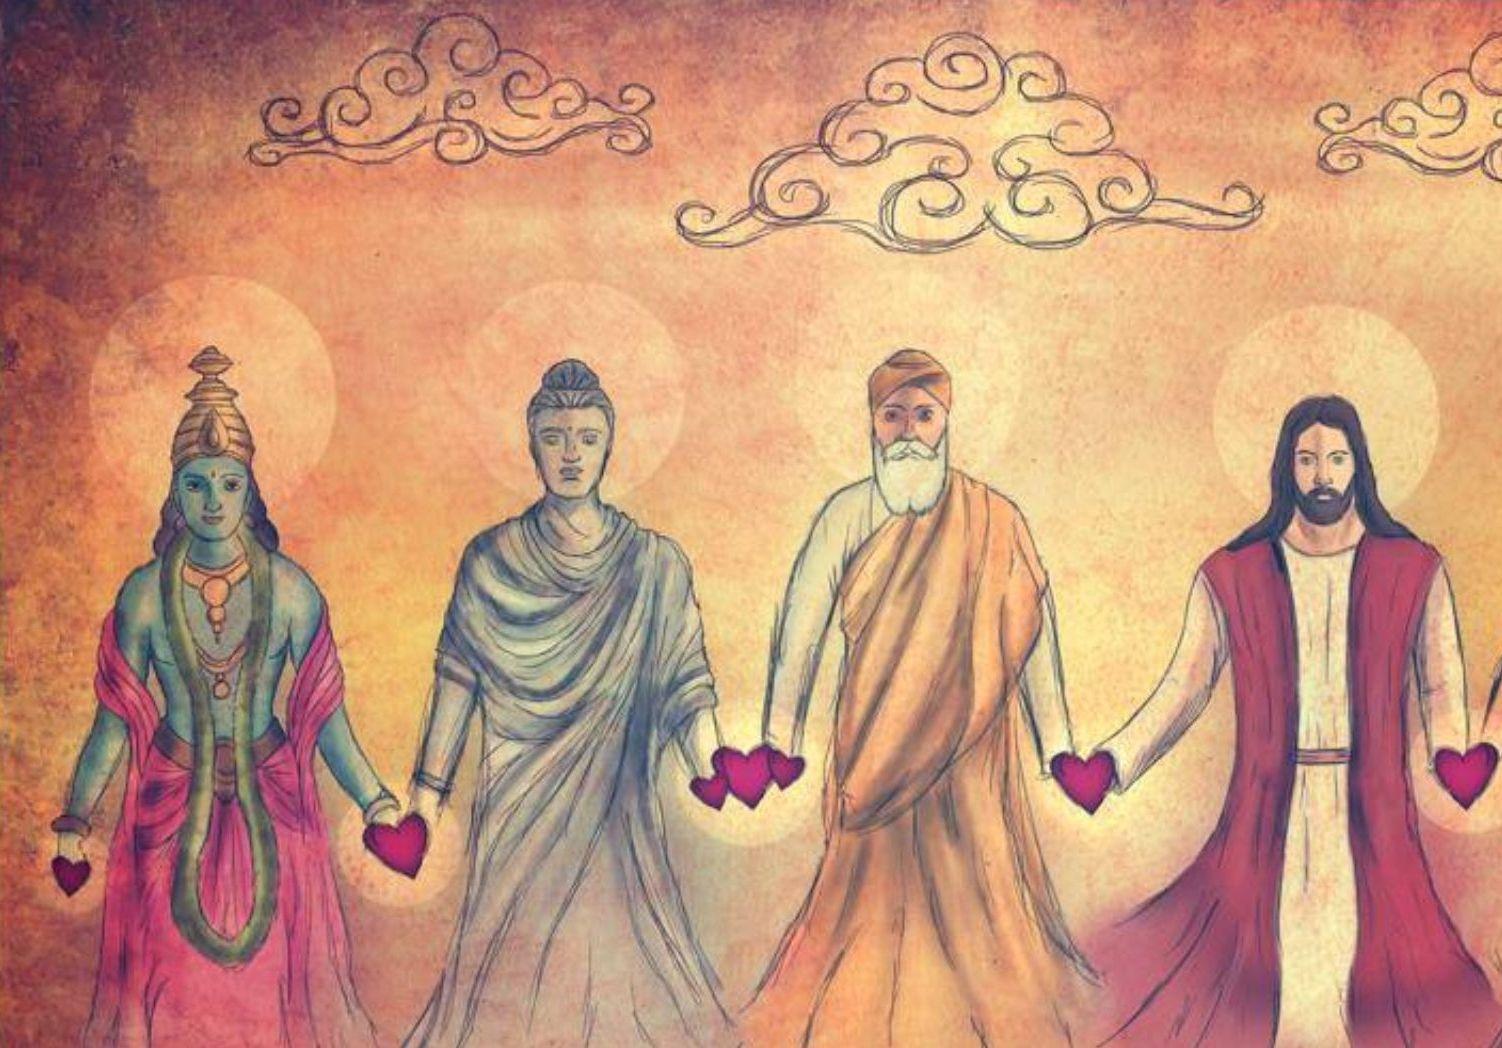 Krisna összebékíti Jézust és Mohamedet